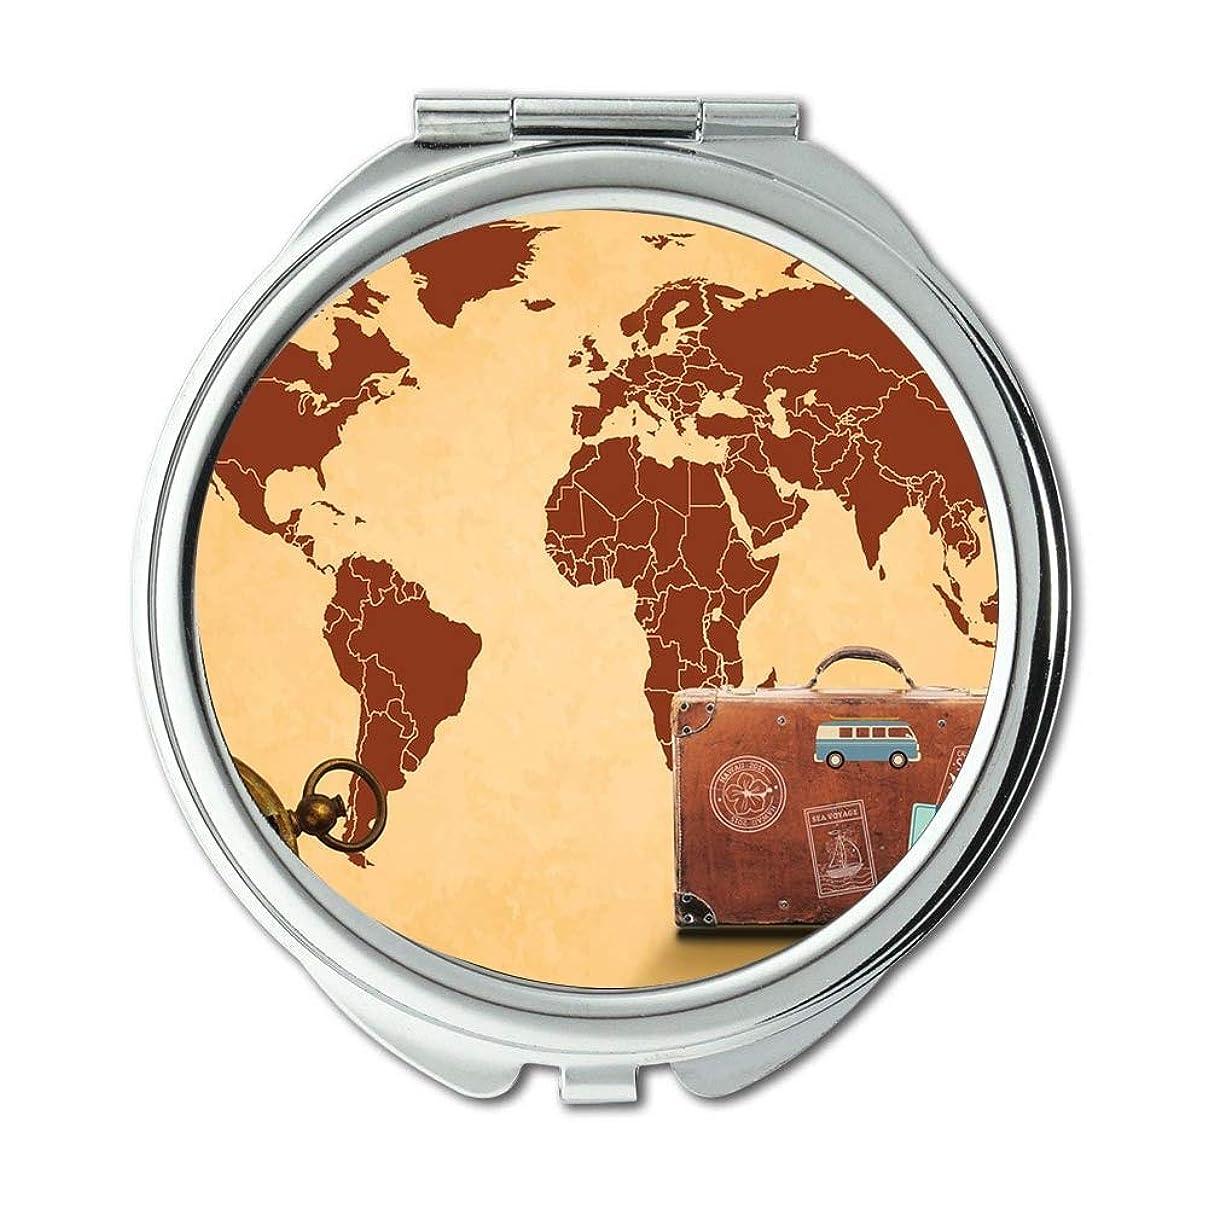 上に築きますレキシコン種類ポケットミラー、コンパクトミラーラウンドコンパクトミラー男性/女性MT 054のための両面、世界の地図の財布のミラー